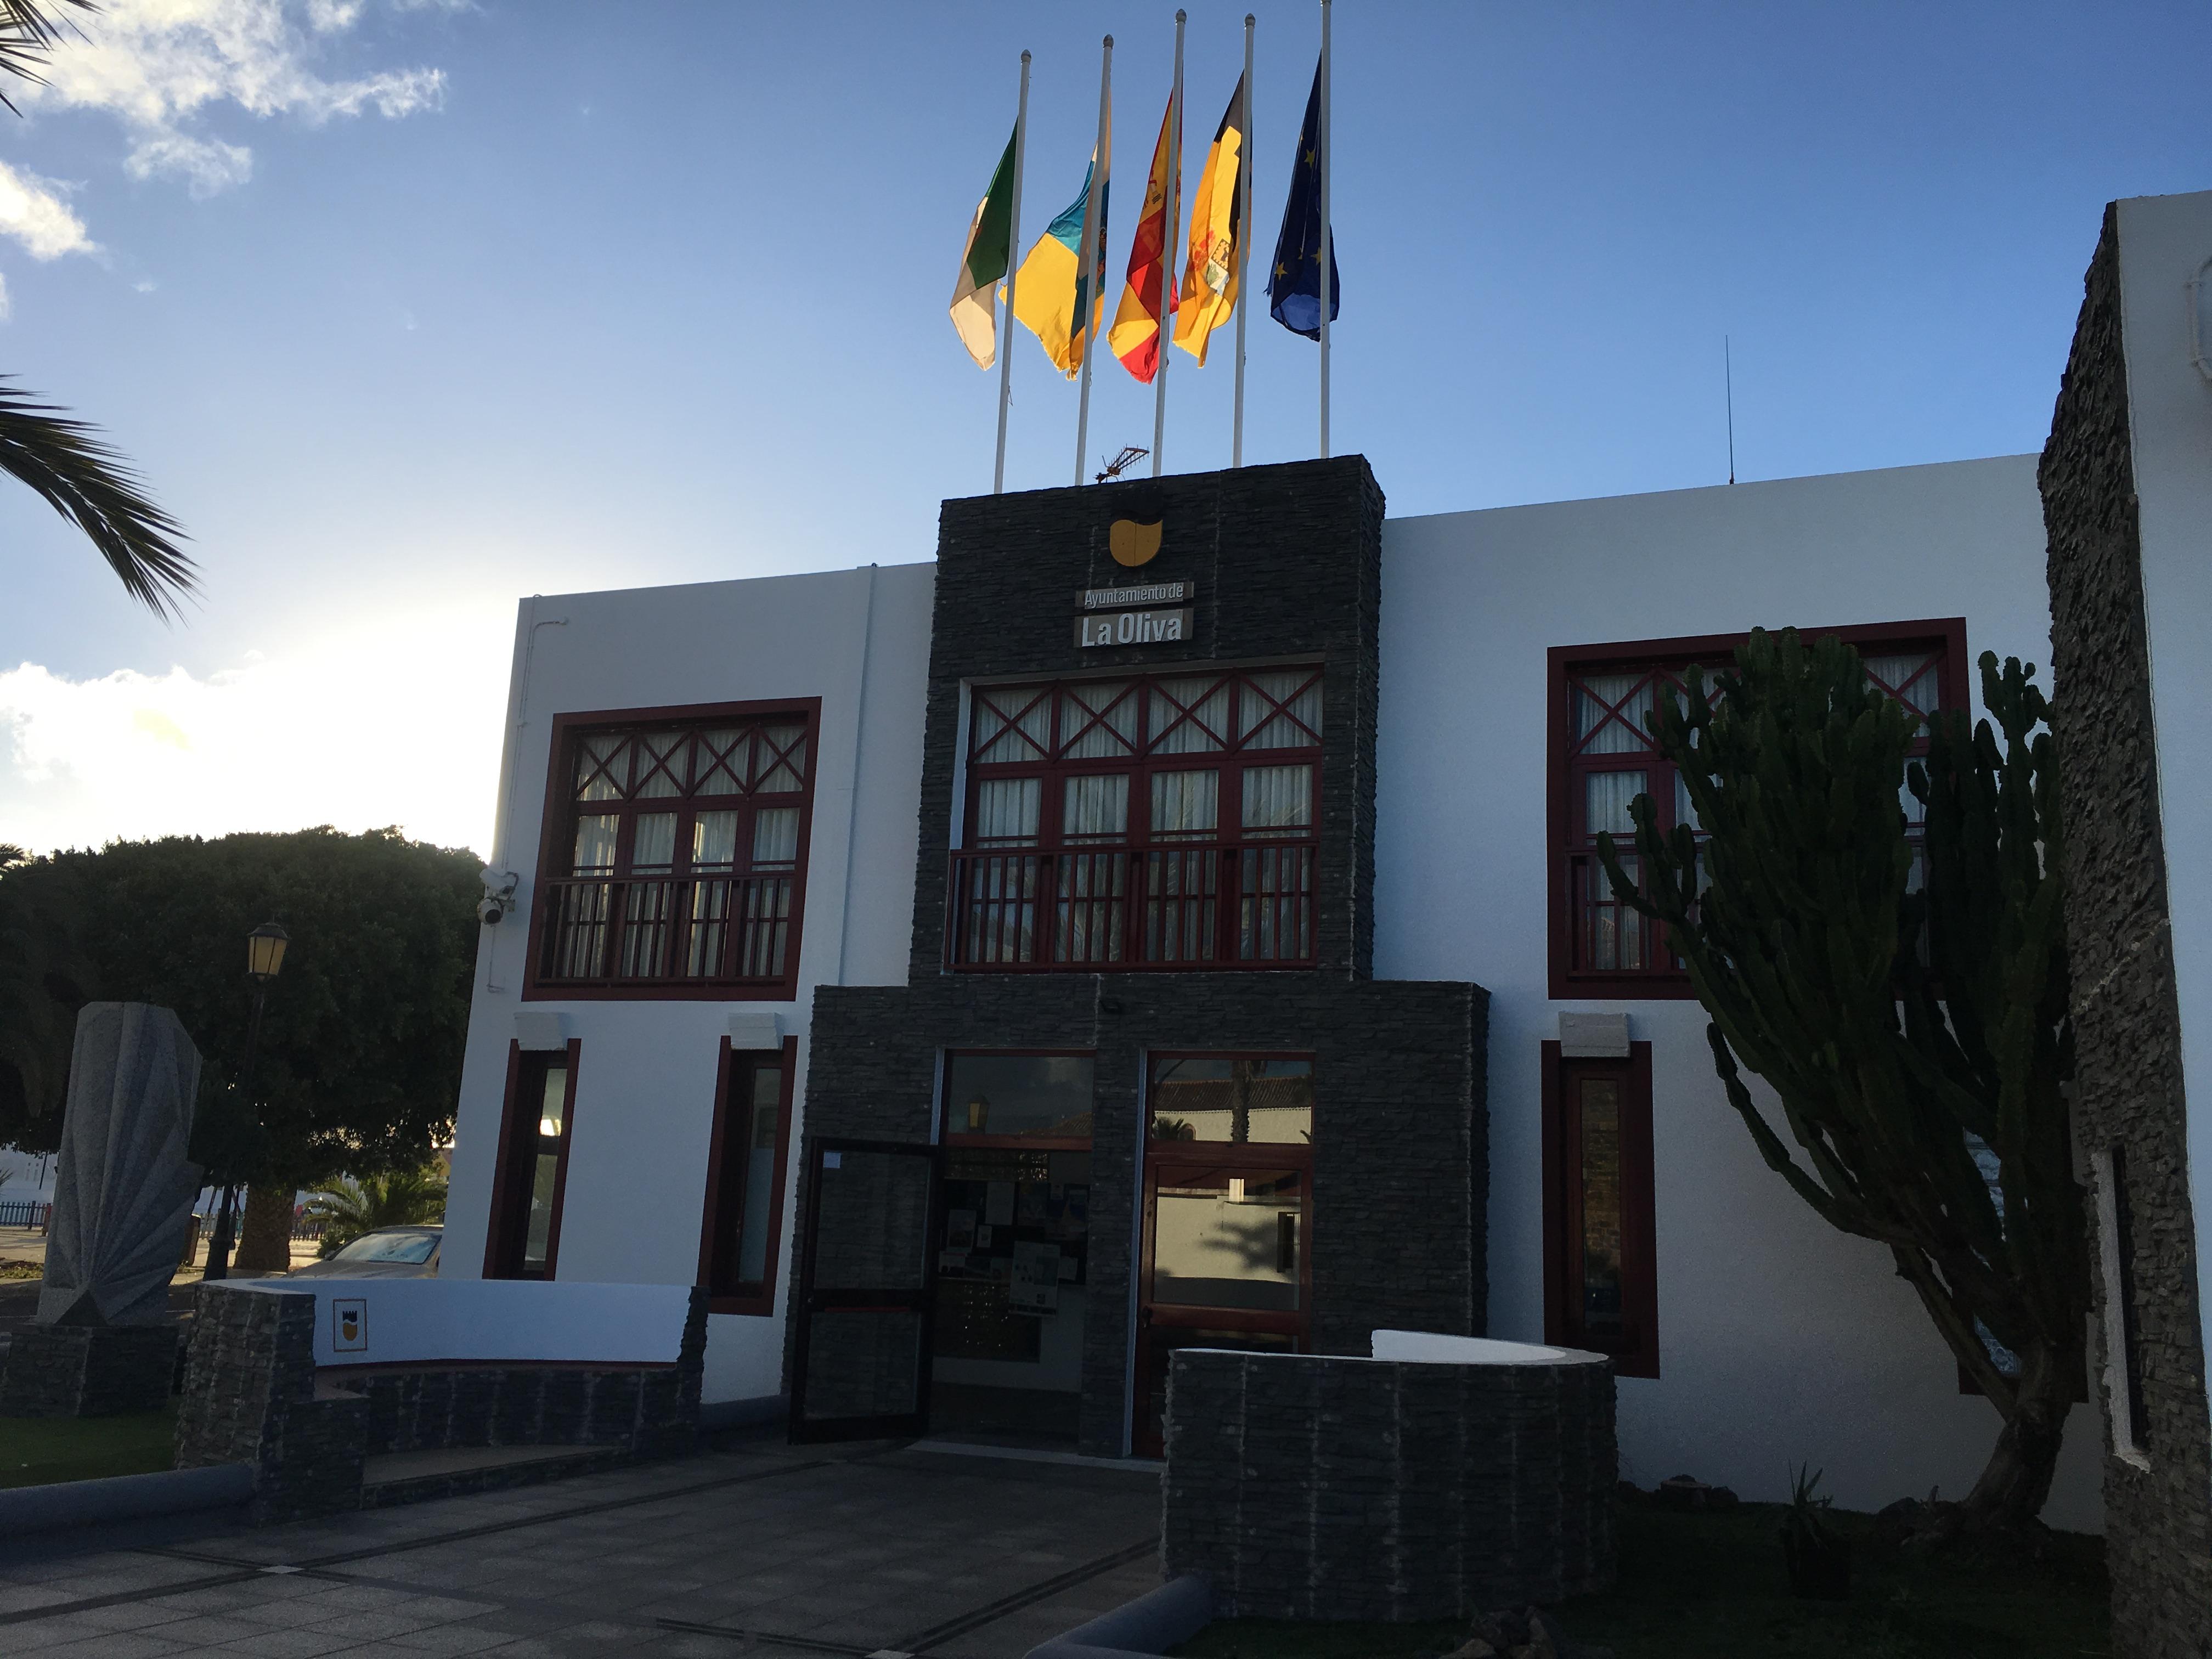 El ayuntamiento la oliva convoca bolsa de trabajo de auxiliares administrativos canarias noticias - Bolsa de trabajo las palmas ...